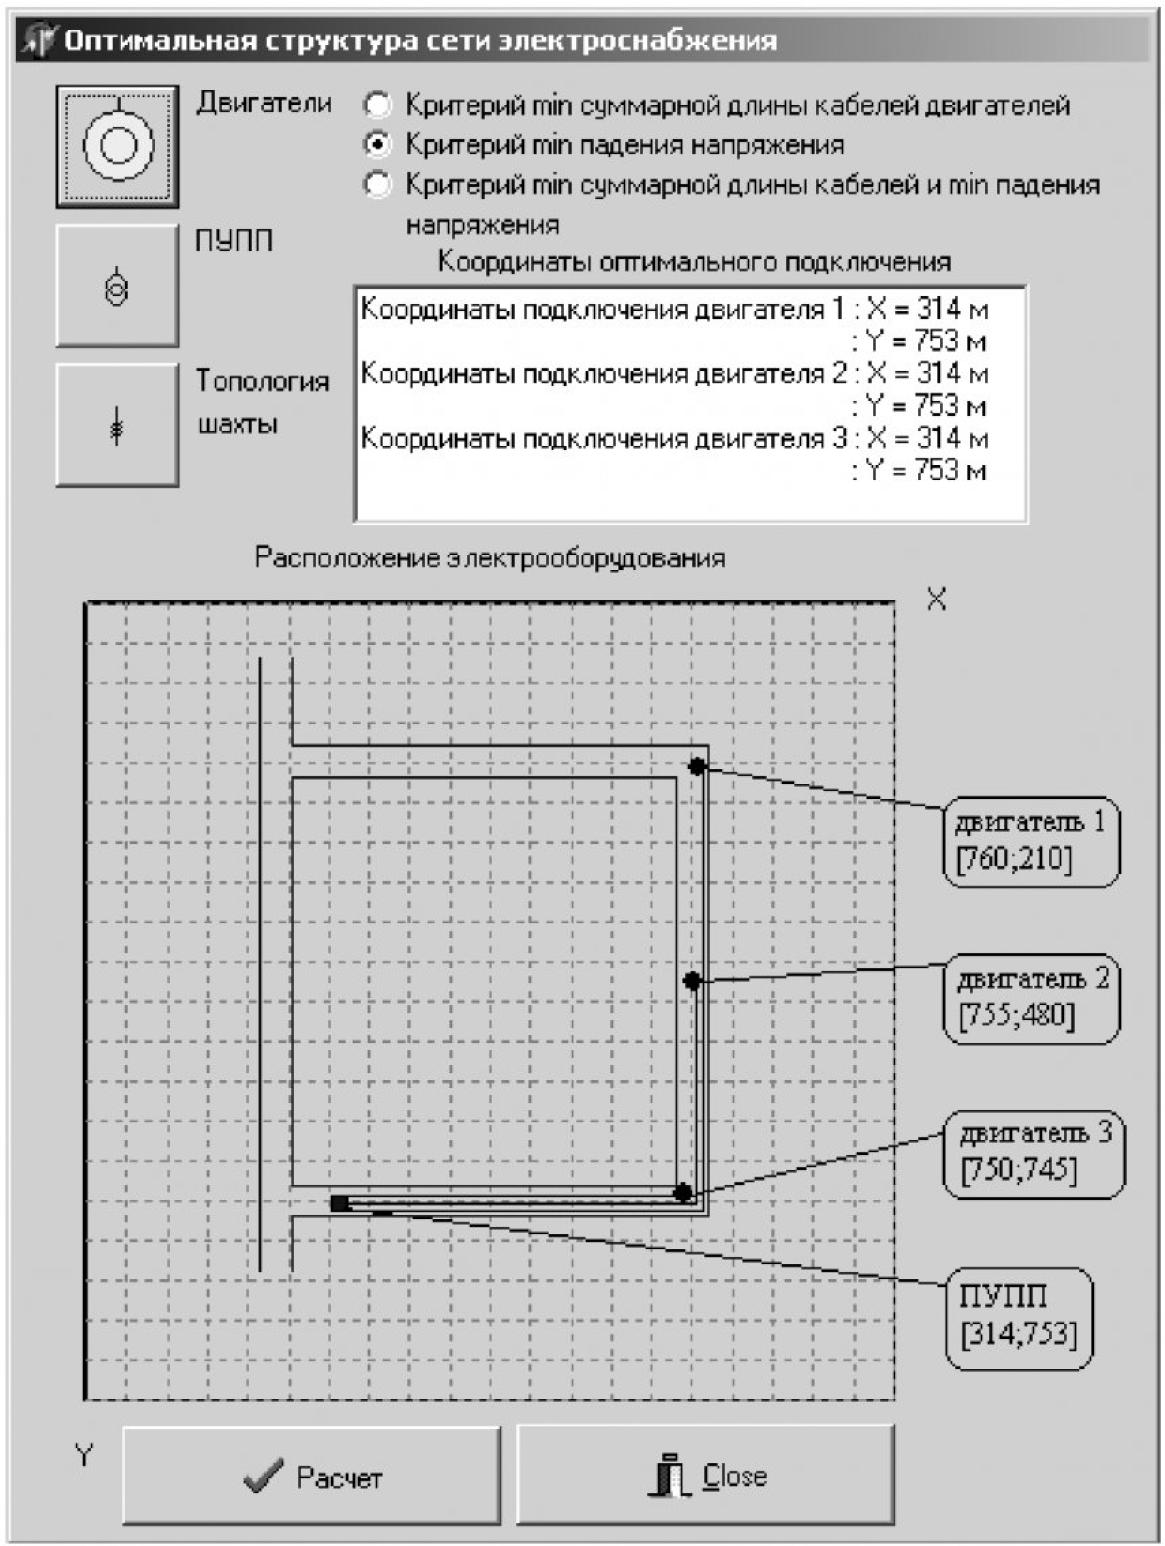 Использование генетического алгоритма при оптимизации структуры сети электроснабжения 7